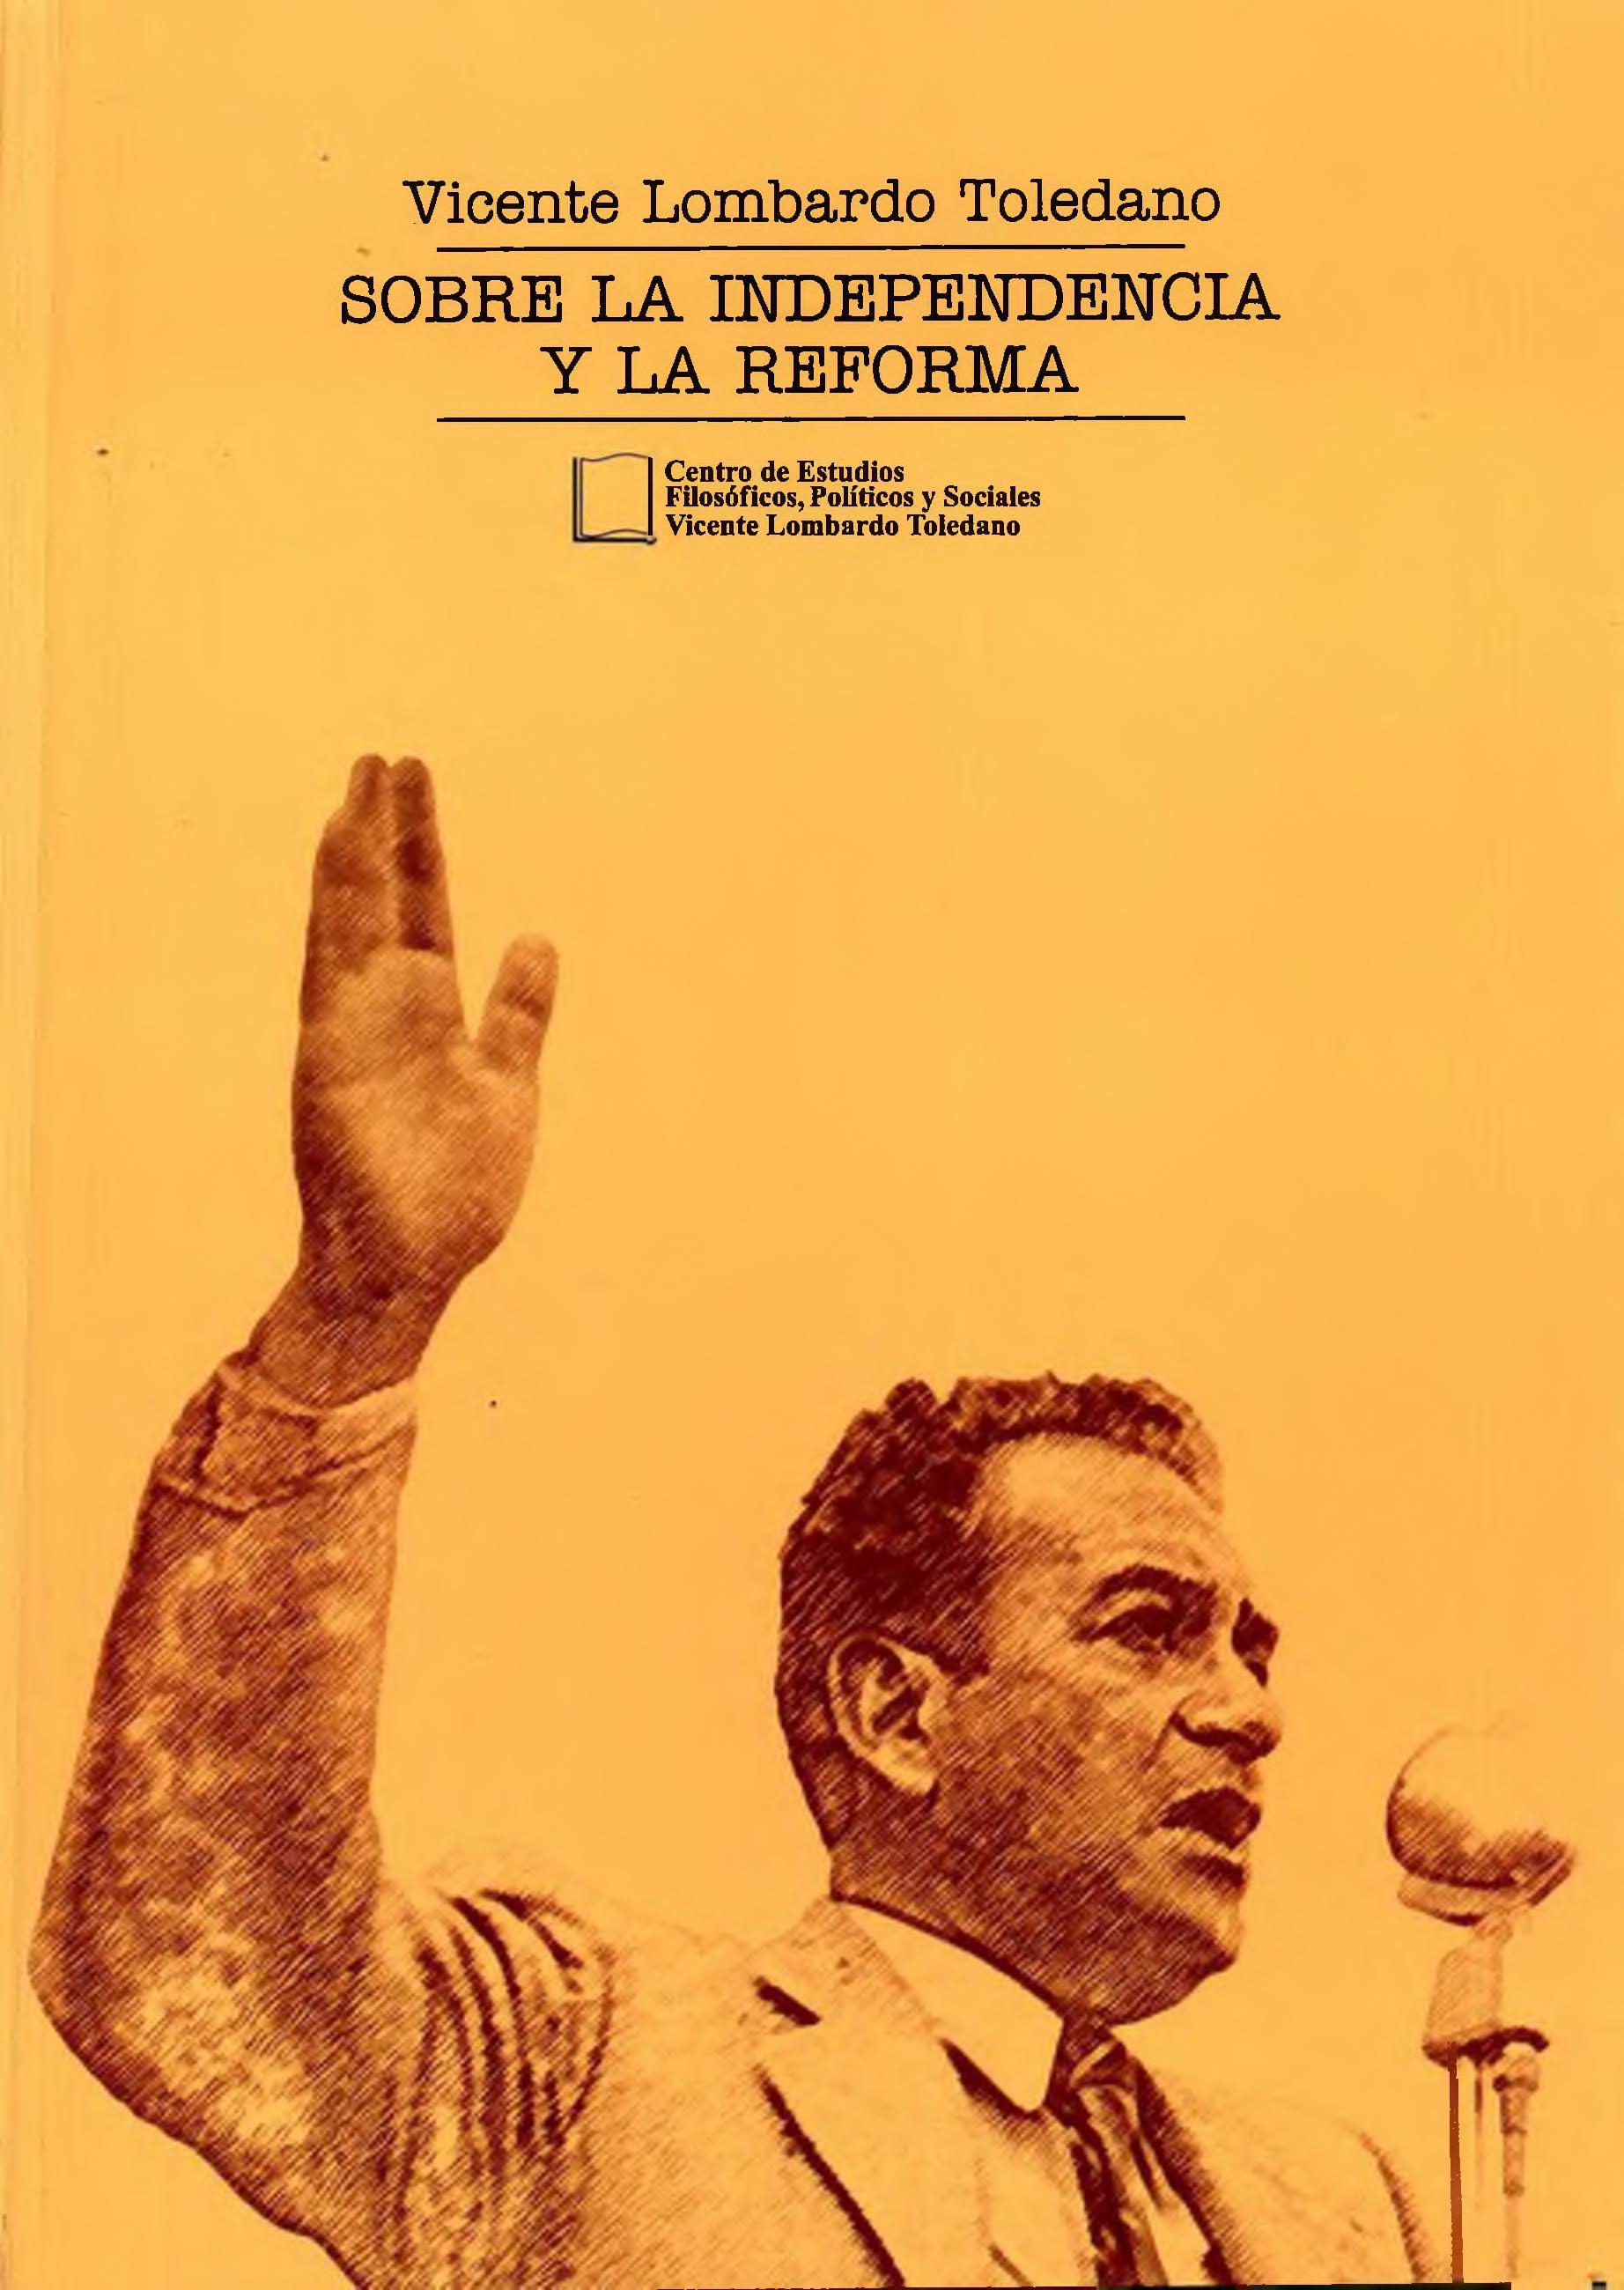 Portada del libro: Sobre la independencia y la reforma